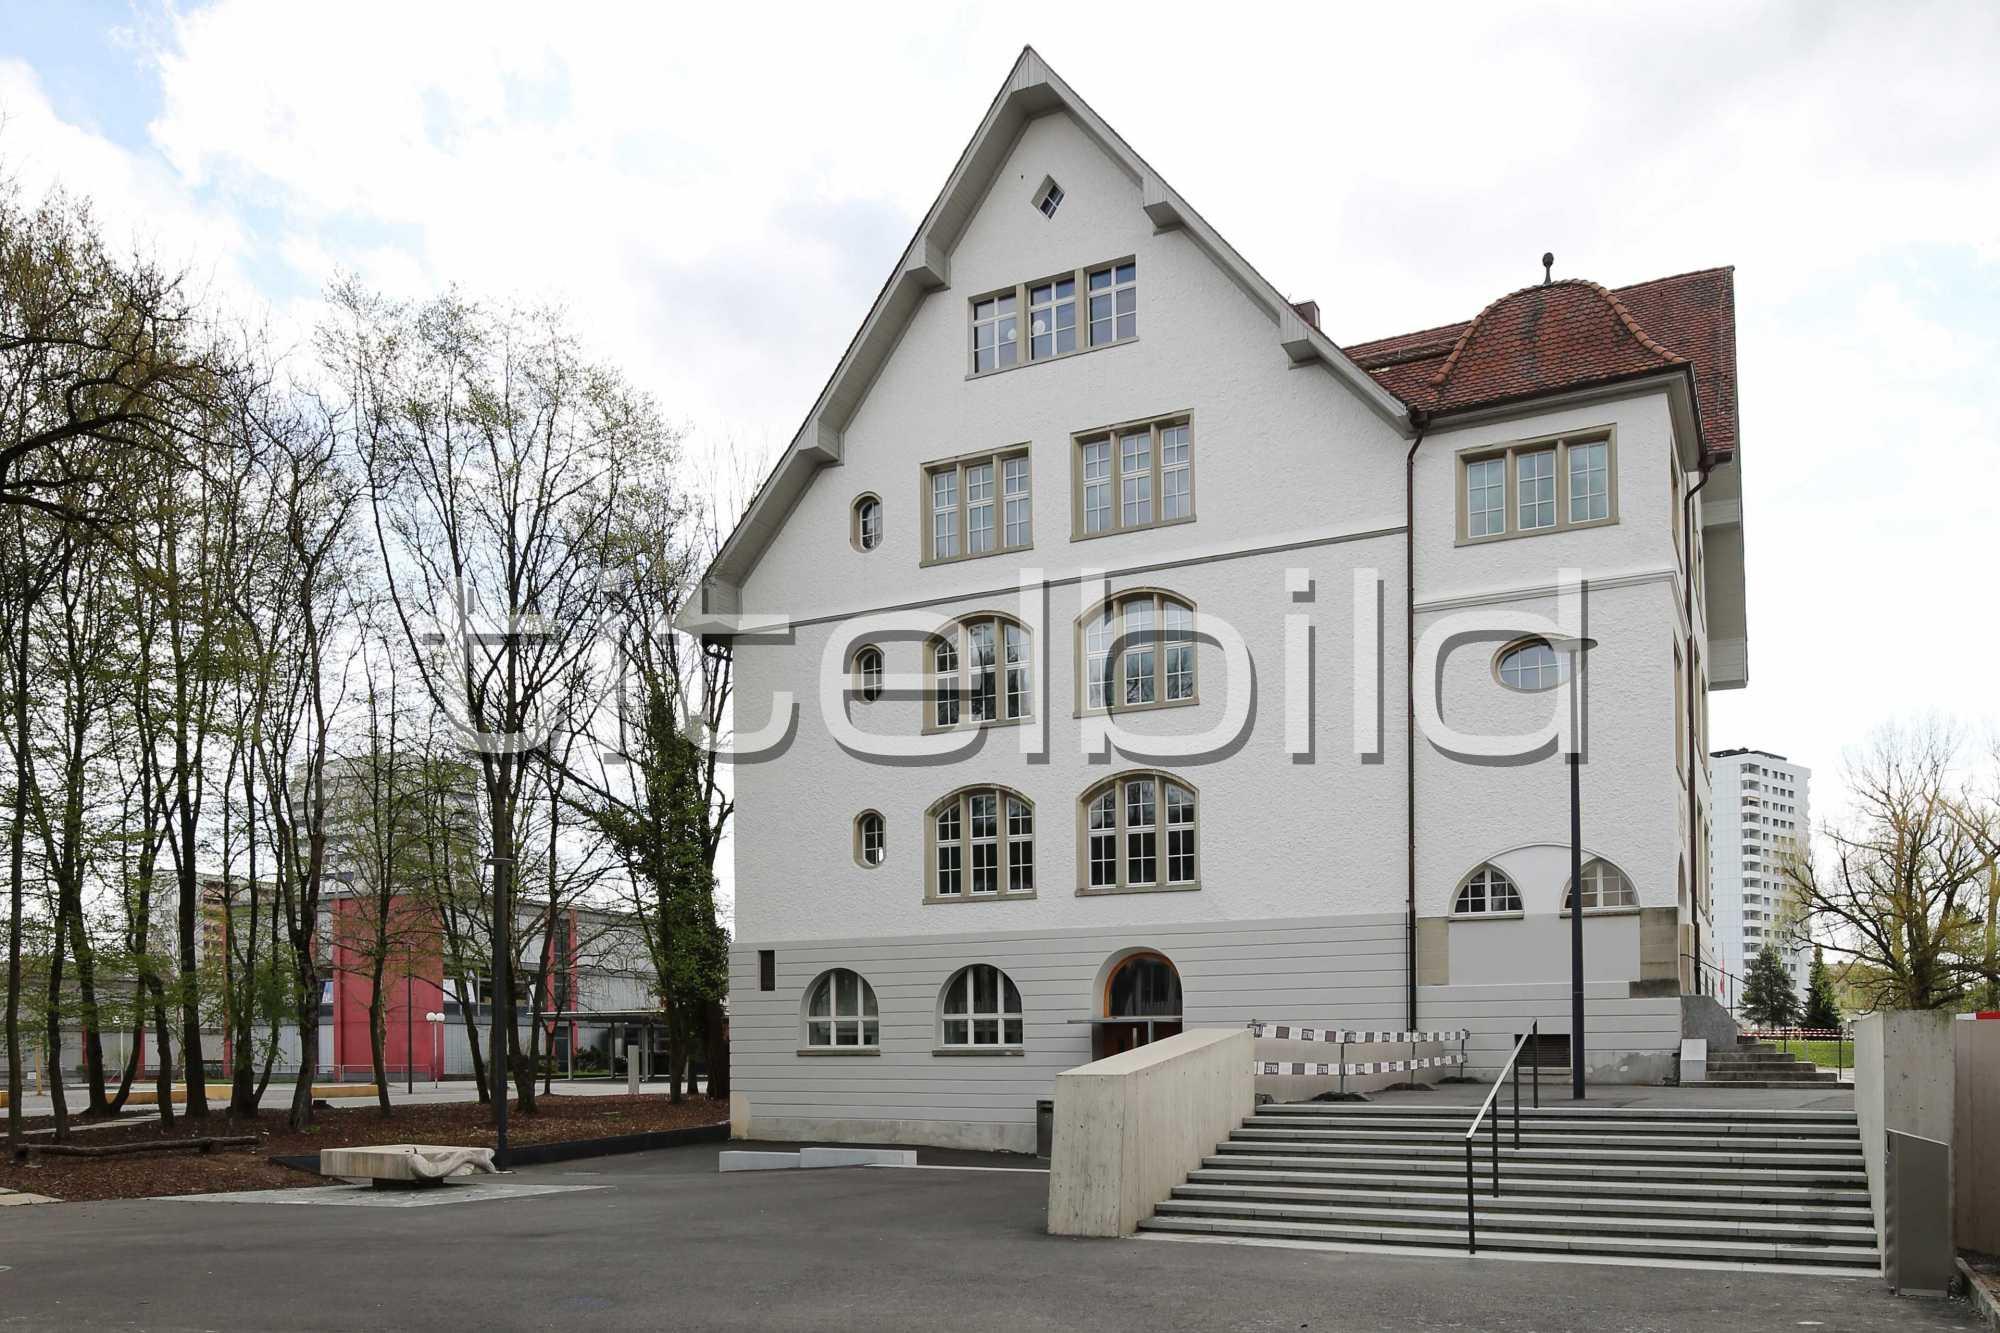 Projektbild-Nr. 1: Erneuerung altes Schulhaus